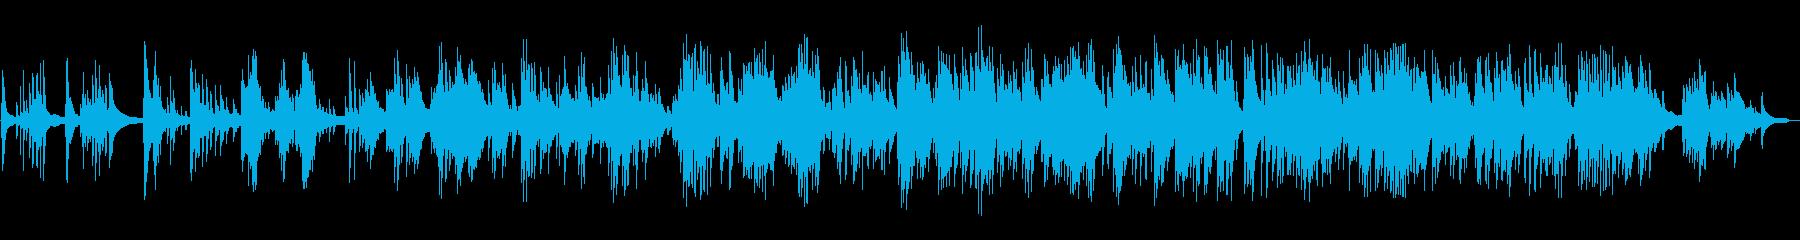 静かで孤独的なピアノソロの再生済みの波形